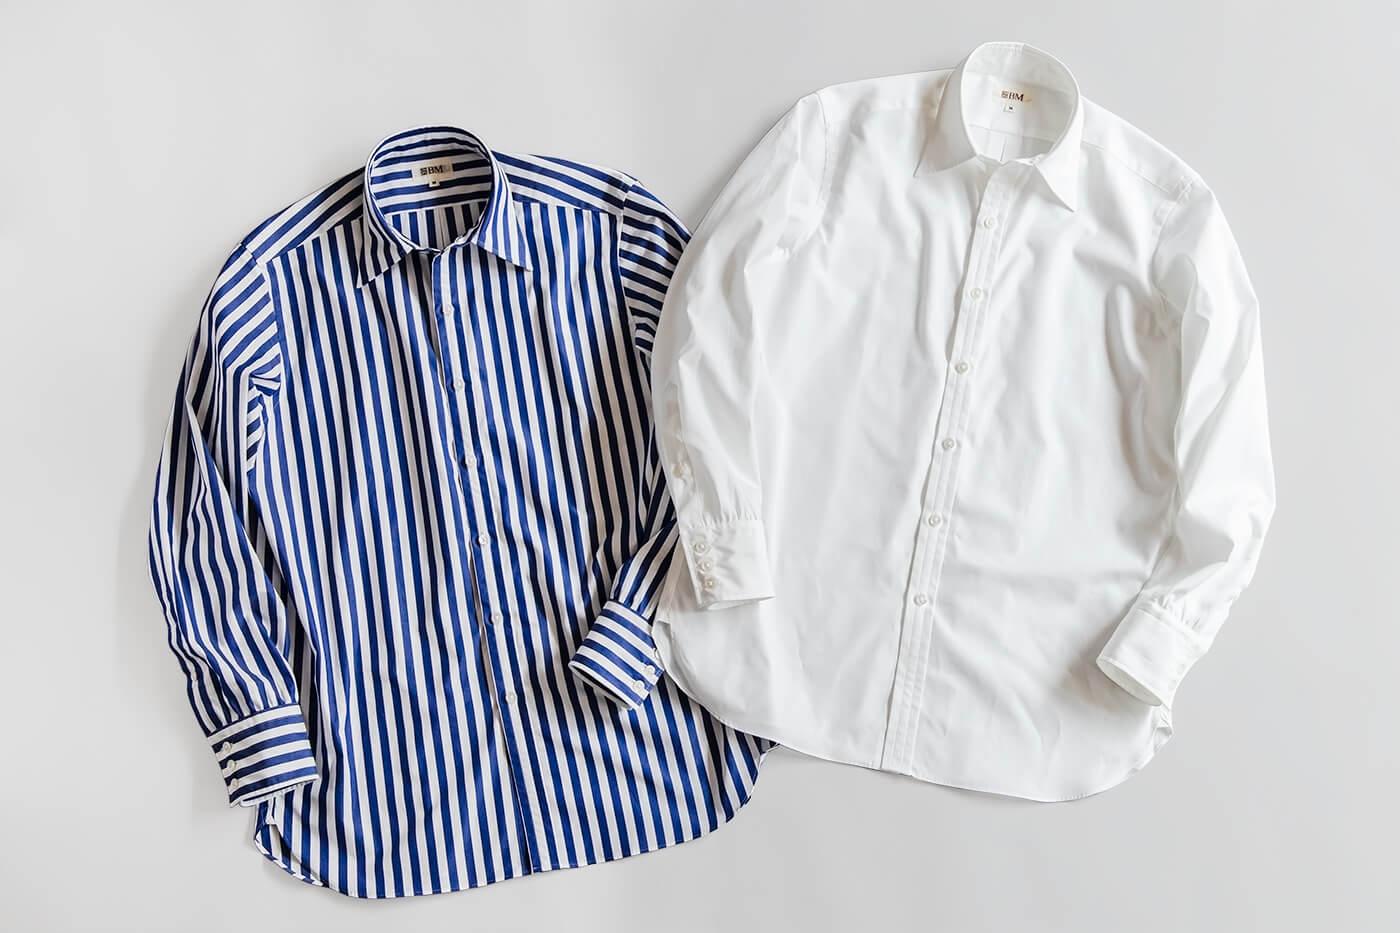 ブリティッシュメイド オリジナルシャツの第三弾 ドレスシャツ「ロンドン」